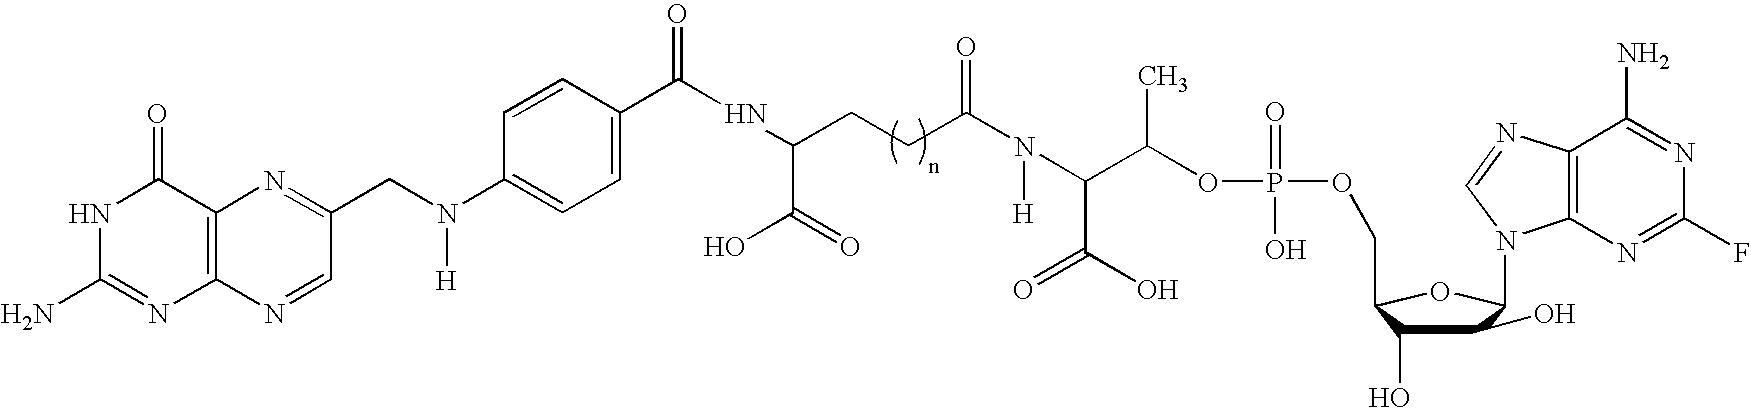 Figure US07858625-20101228-C00024